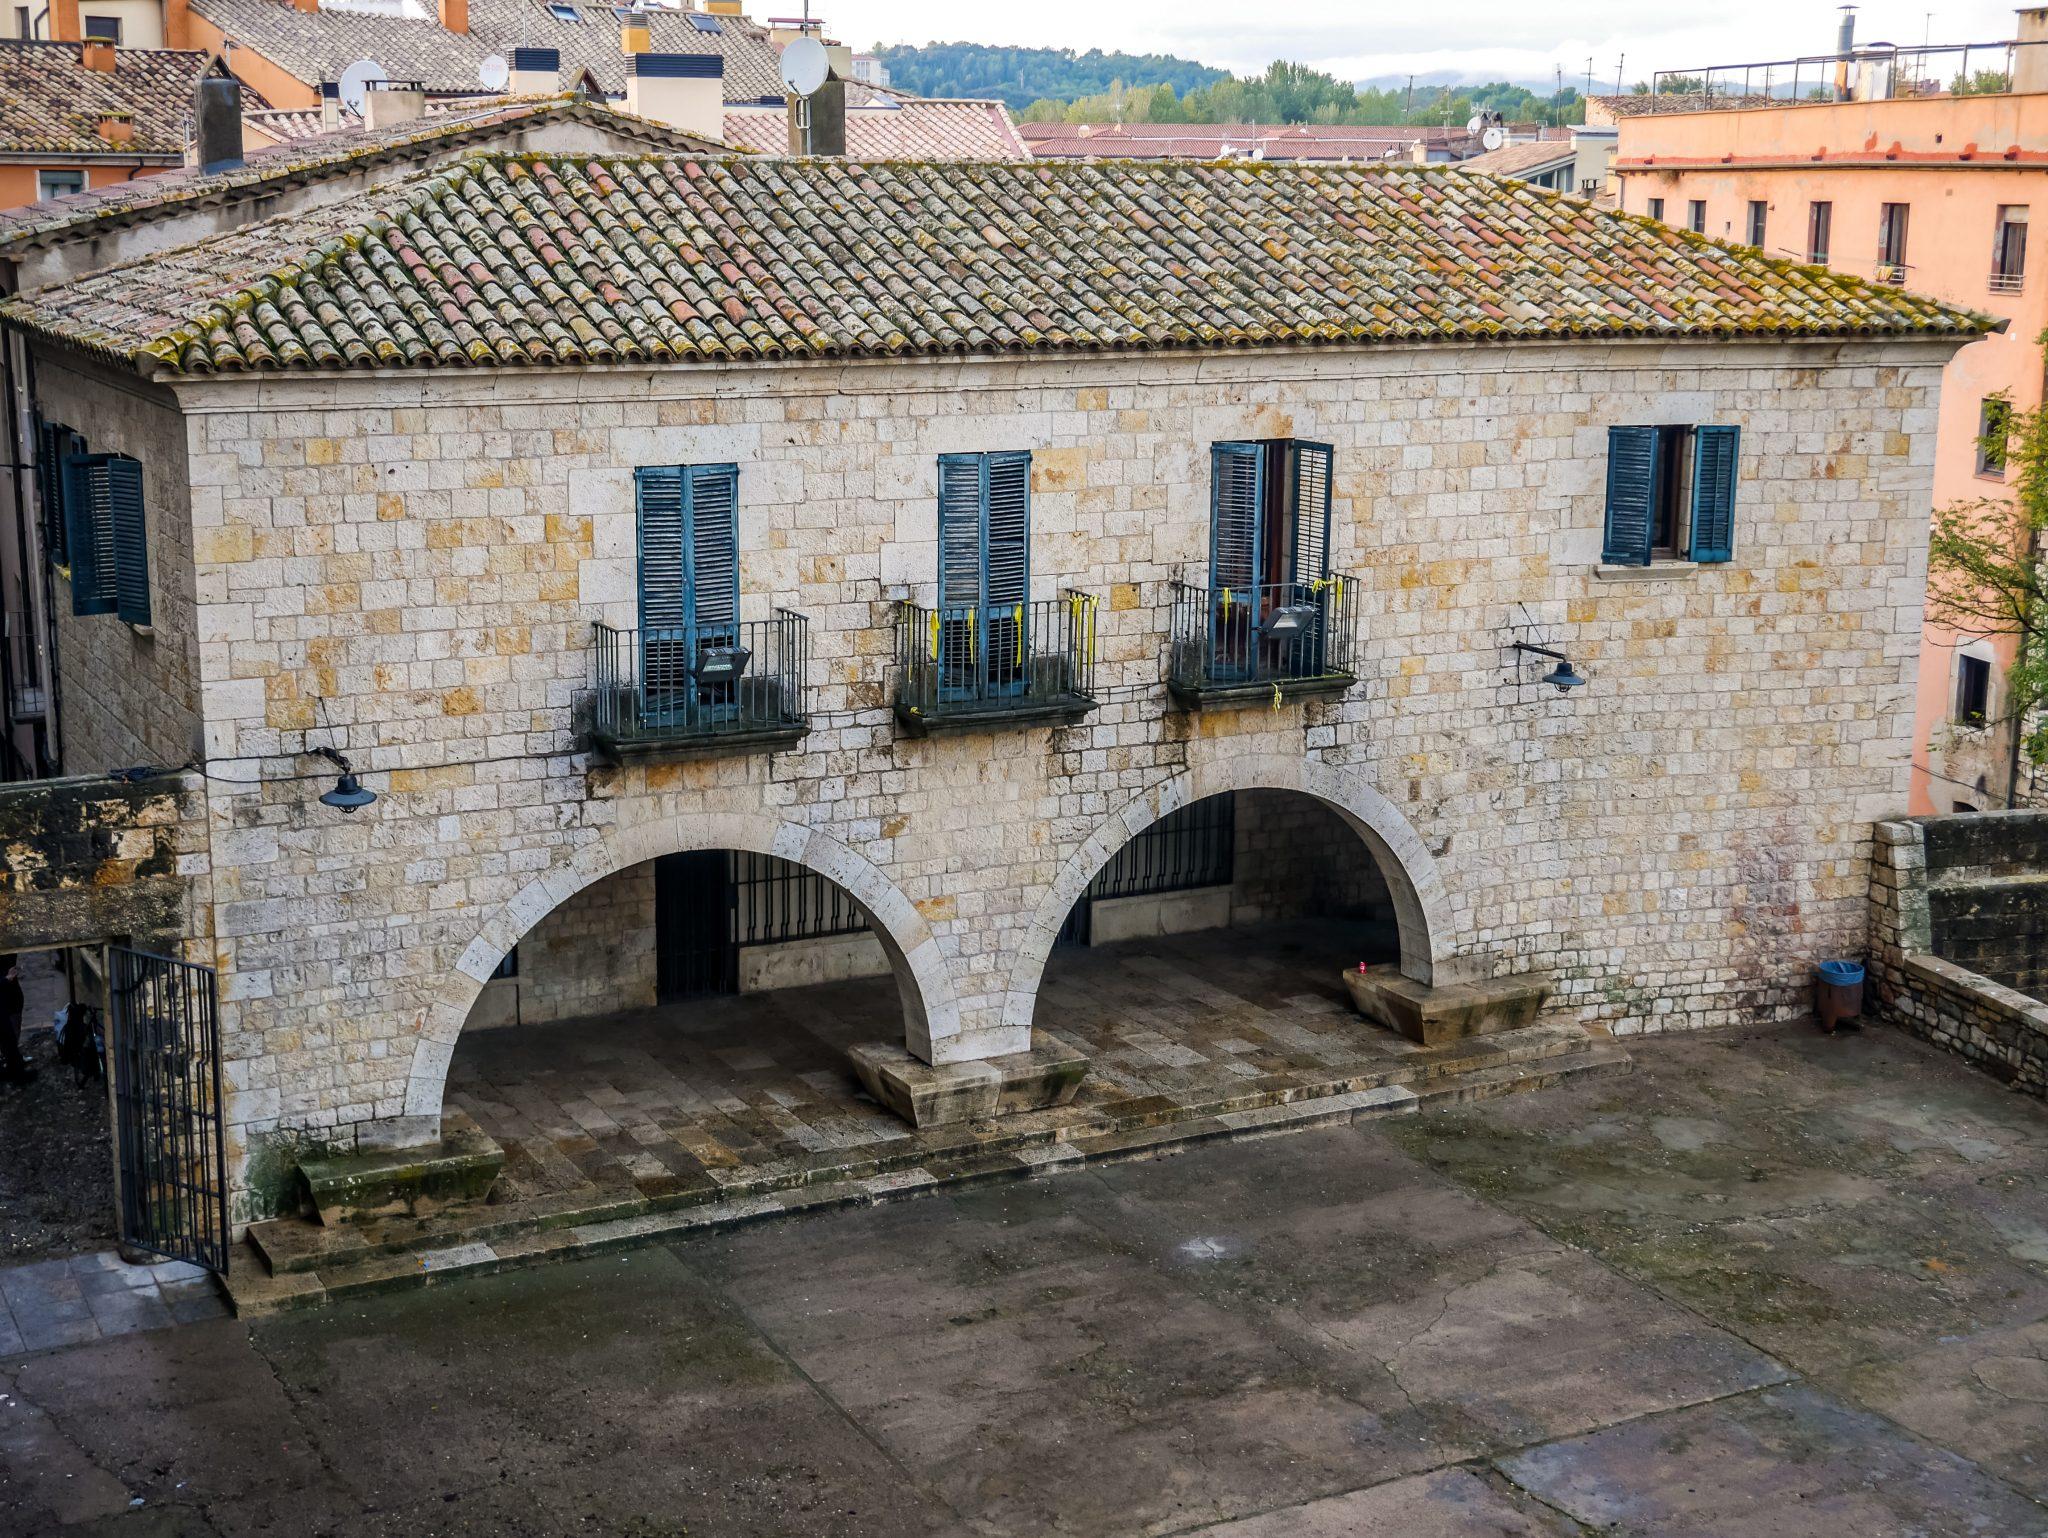 Arya Stark beobachtet in Braavos (Girona) ein Theaterspiel, welches auf einem großen Platz stattfindet.